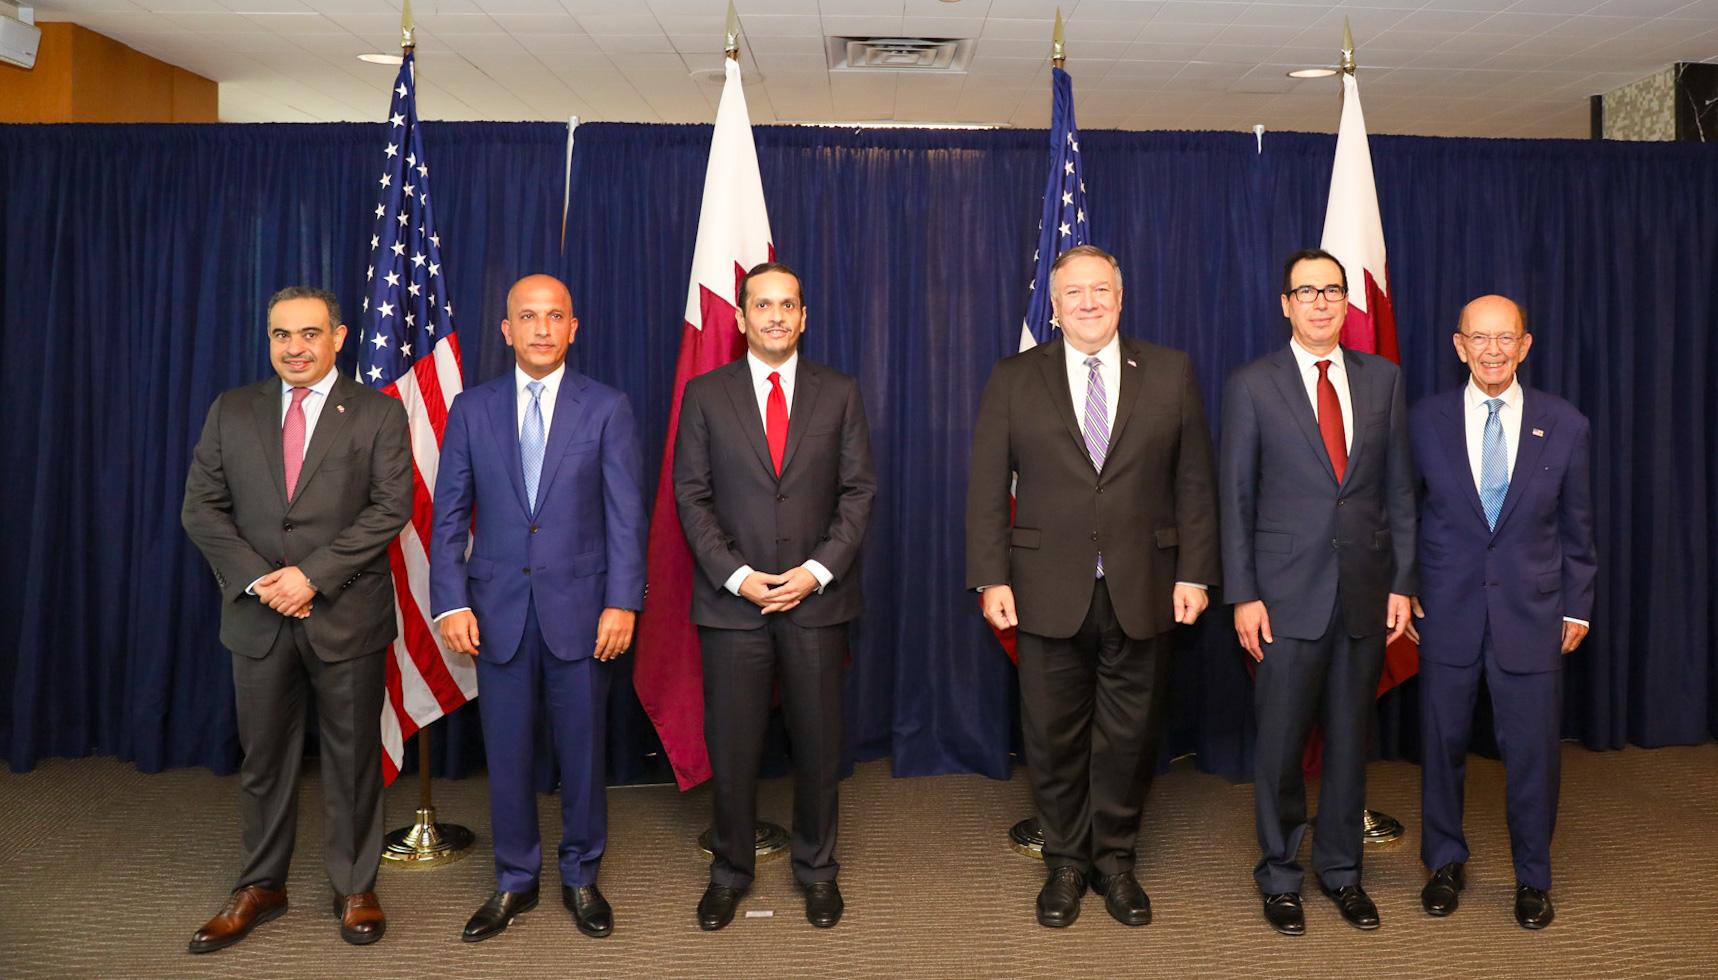 نائب رئيس مجلس الوزراء وزير الخارجية: انعقاد الدورة الثالثة من الحوار الاستراتيجي القطري ـ الأمريكي يعكس العلاقات المزدهرة بين بلدينا